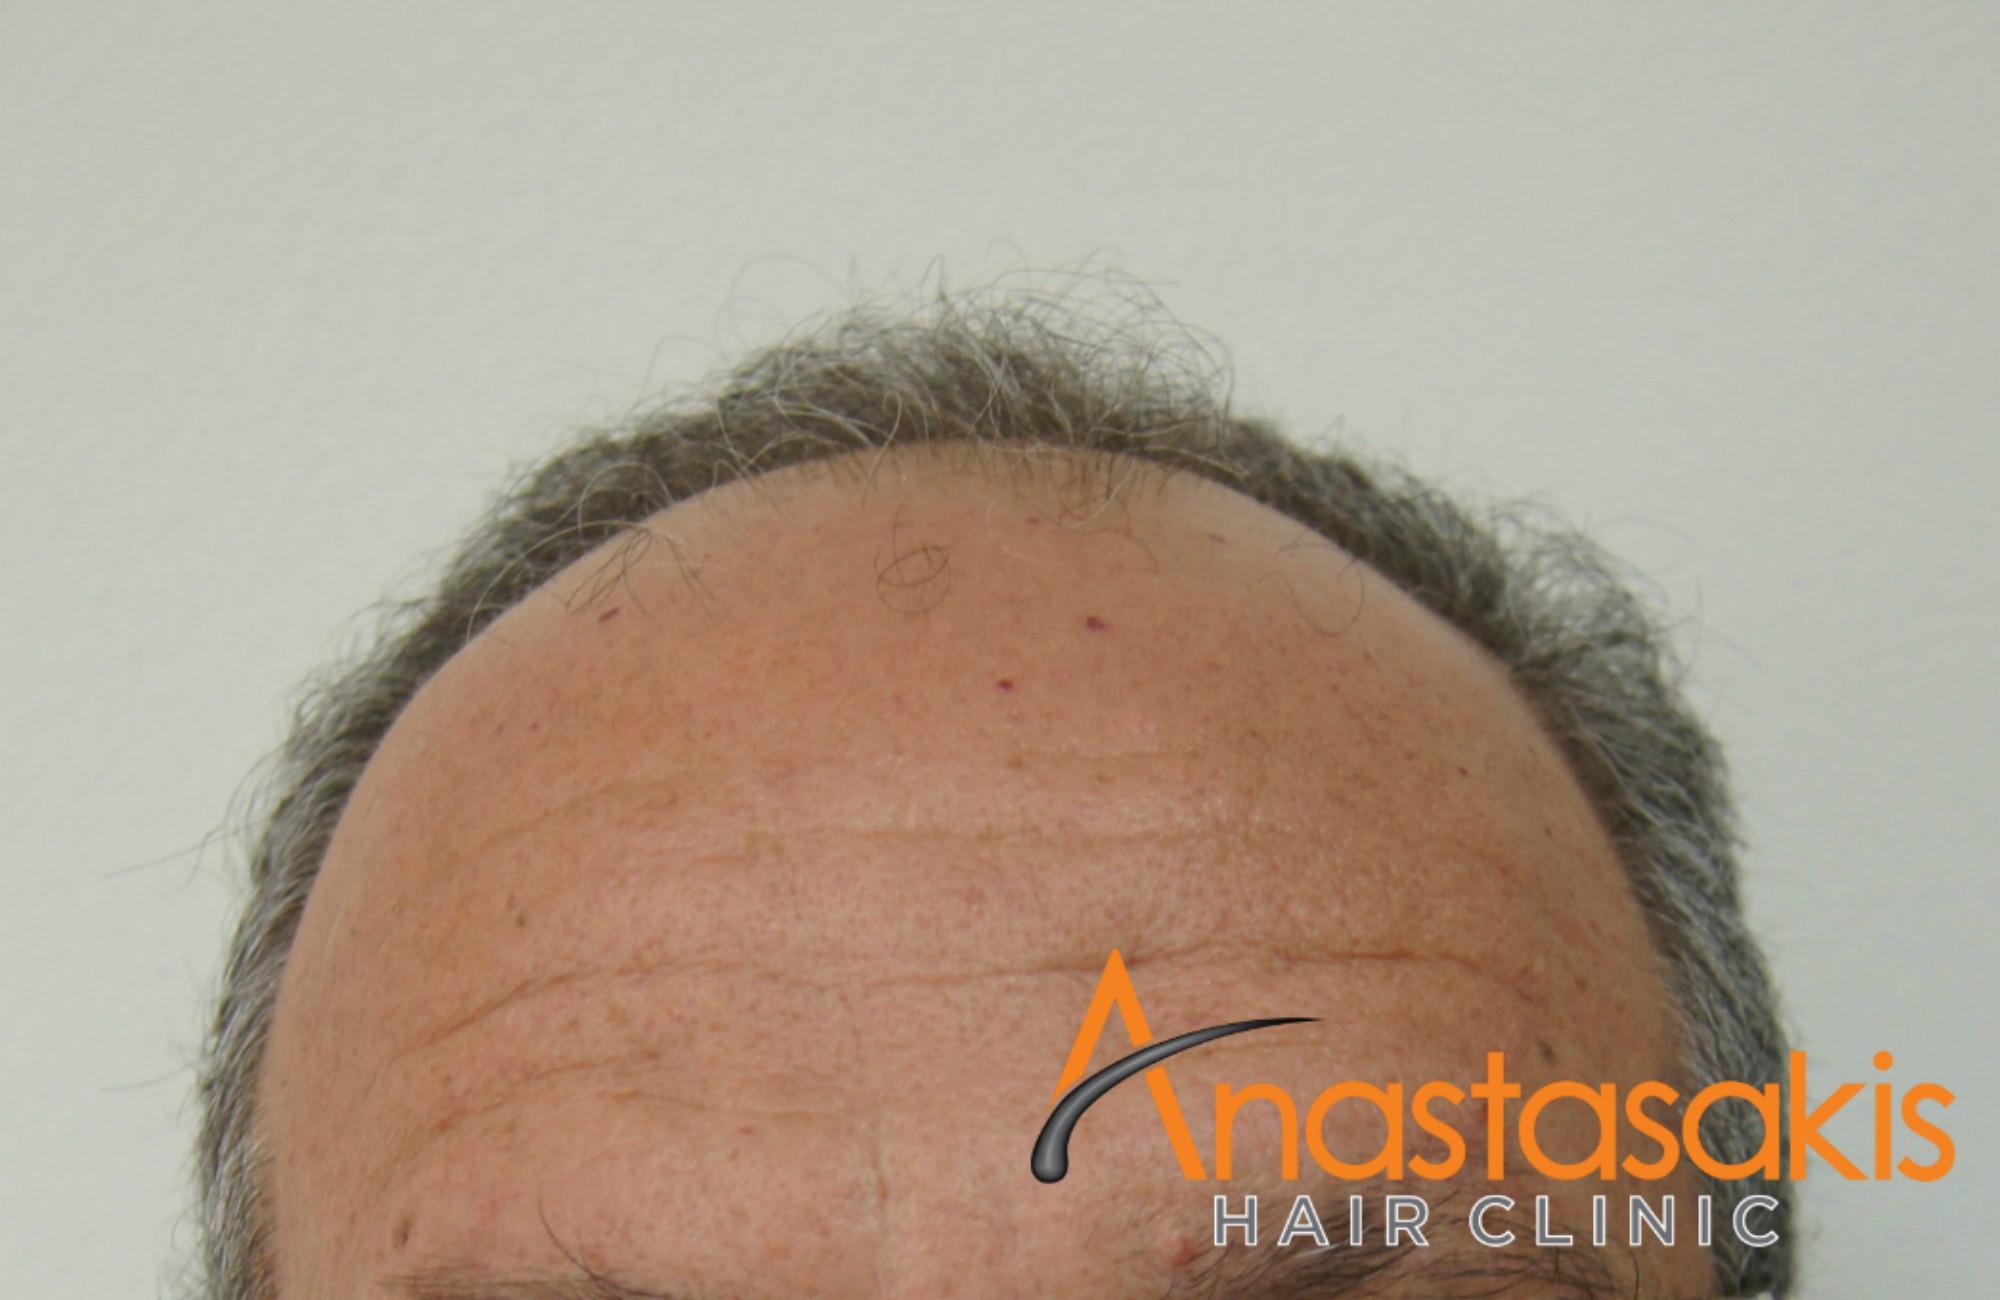 hairline ασθενους πριν τη μεταμοσχευση μαλλιων με 3200 fus